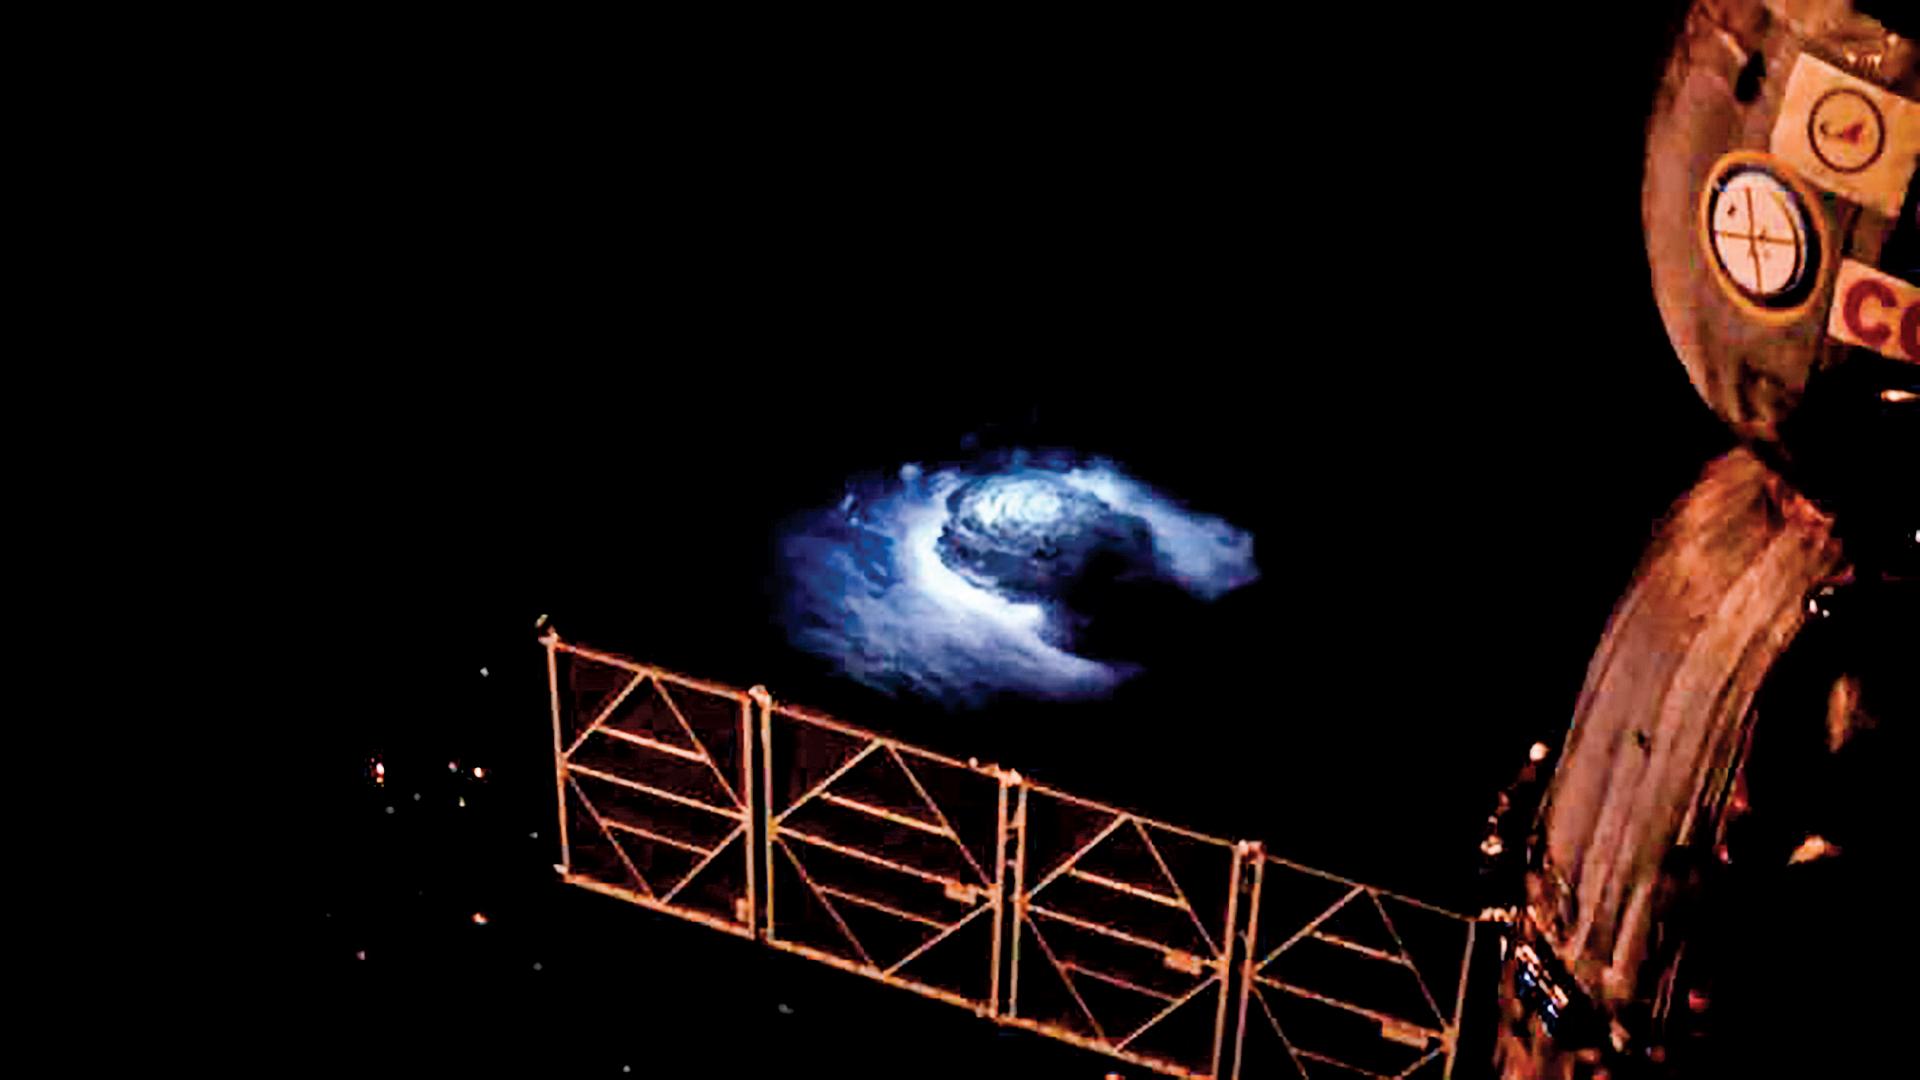 科學家第一次從國際太空站內俯視閃電的形成,看到了從厚厚的雲層內向上冒出一道藍光。(ESA/NASA)